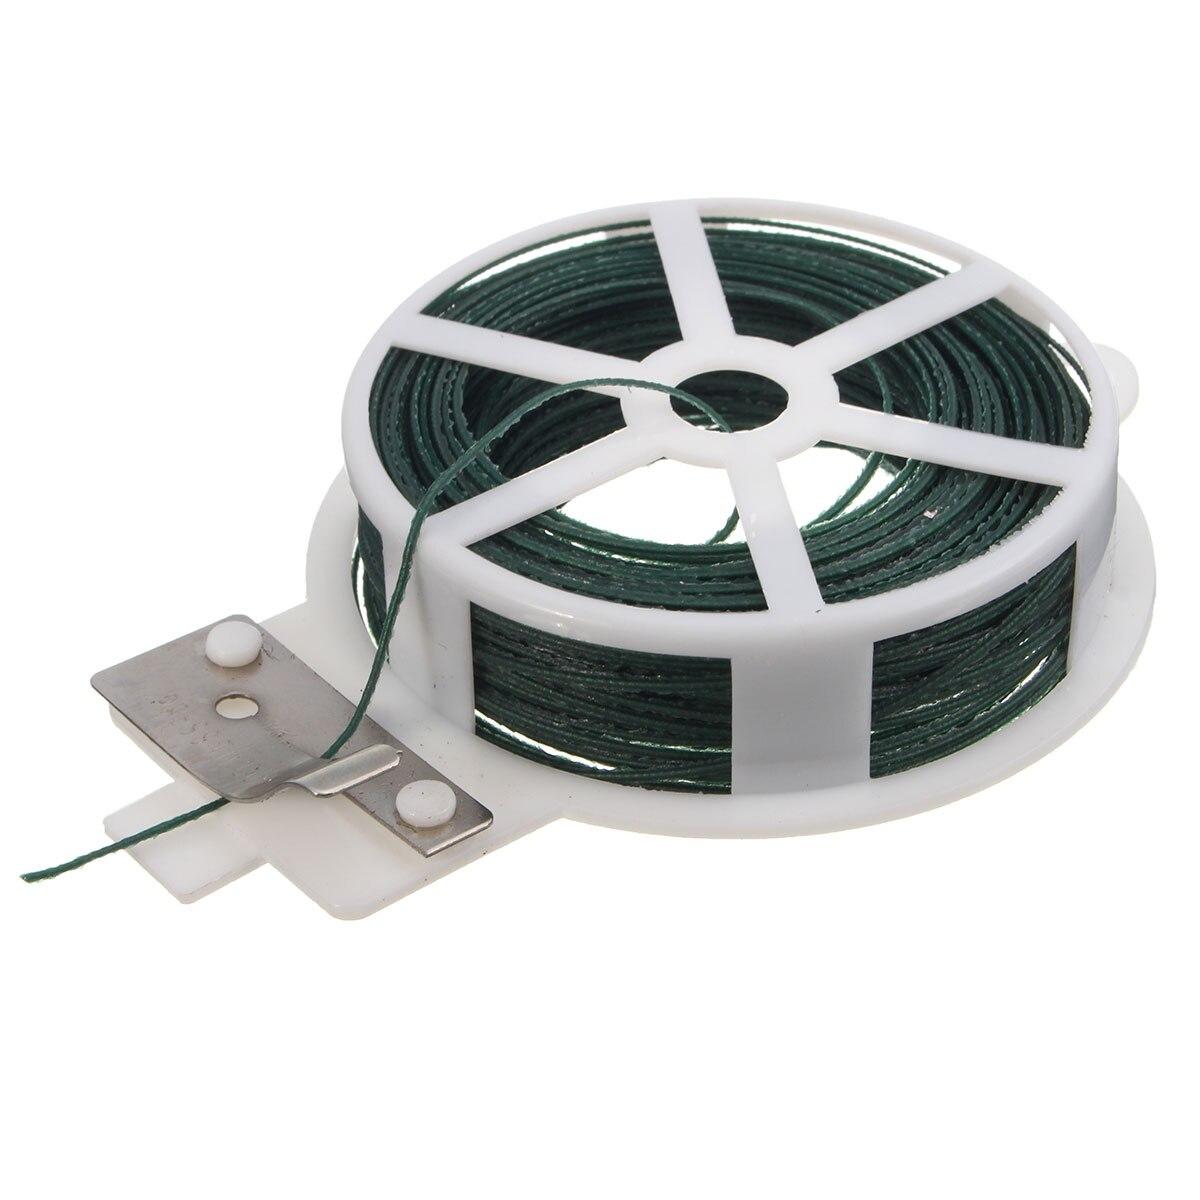 Newest Cable Tie 30M Roll Wire Twist Tie Reel Green Garden Gardening ...